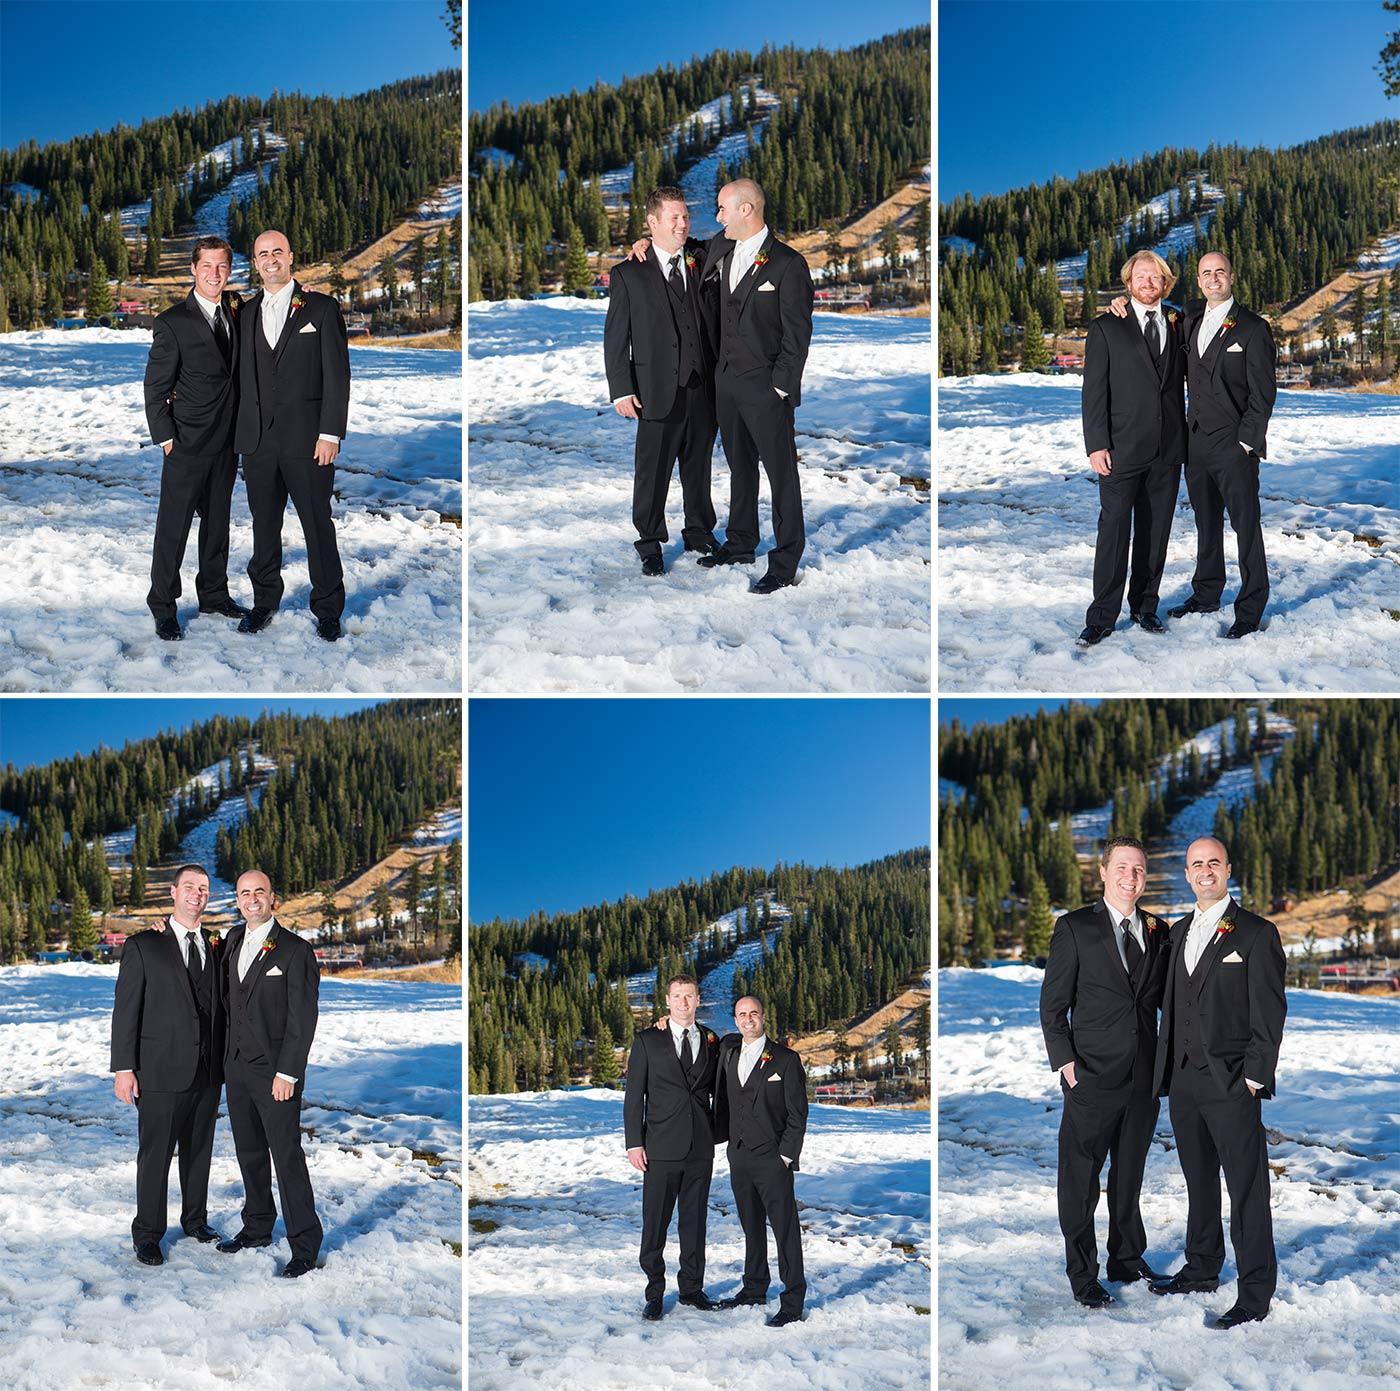 Ritz-Carlton-Lake-Tahoe-wedding-photos-22